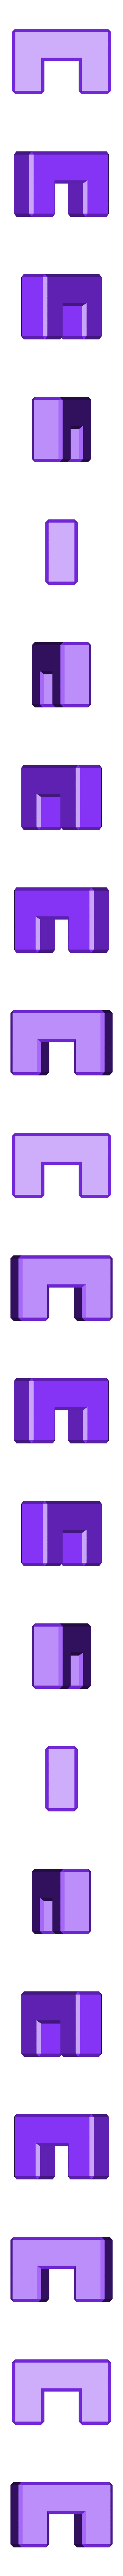 Puzzle Piece 7.stl Download free STL file 4x4 Puzzle Cube • 3D printer model, FerryTeacher